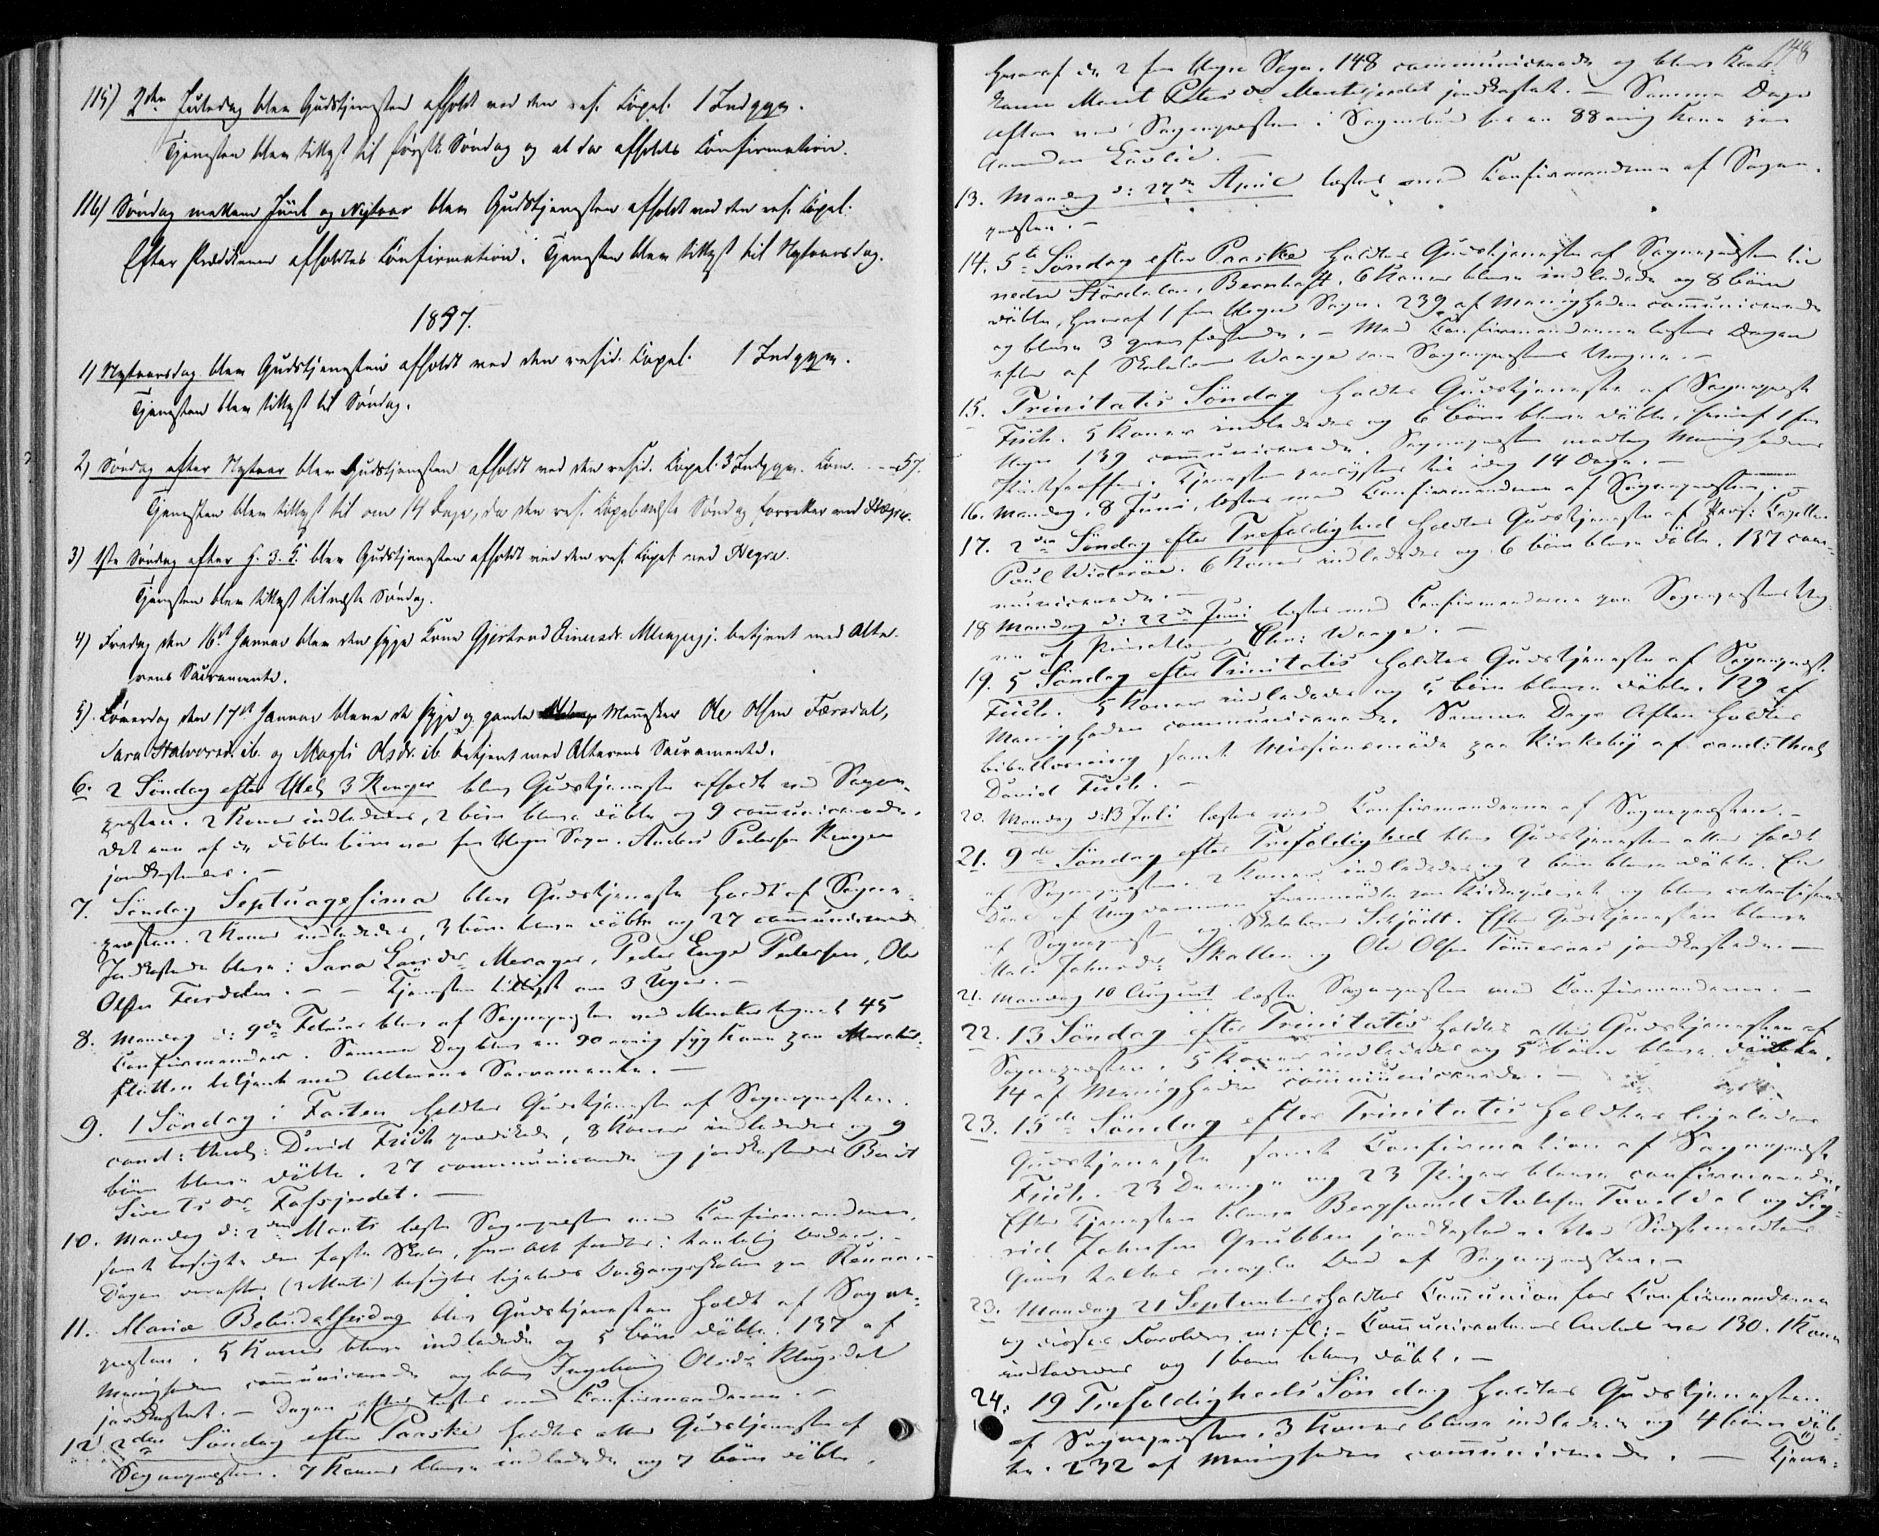 SAT, Ministerialprotokoller, klokkerbøker og fødselsregistre - Nord-Trøndelag, 706/L0040: Parish register (official) no. 706A01, 1850-1861, p. 148